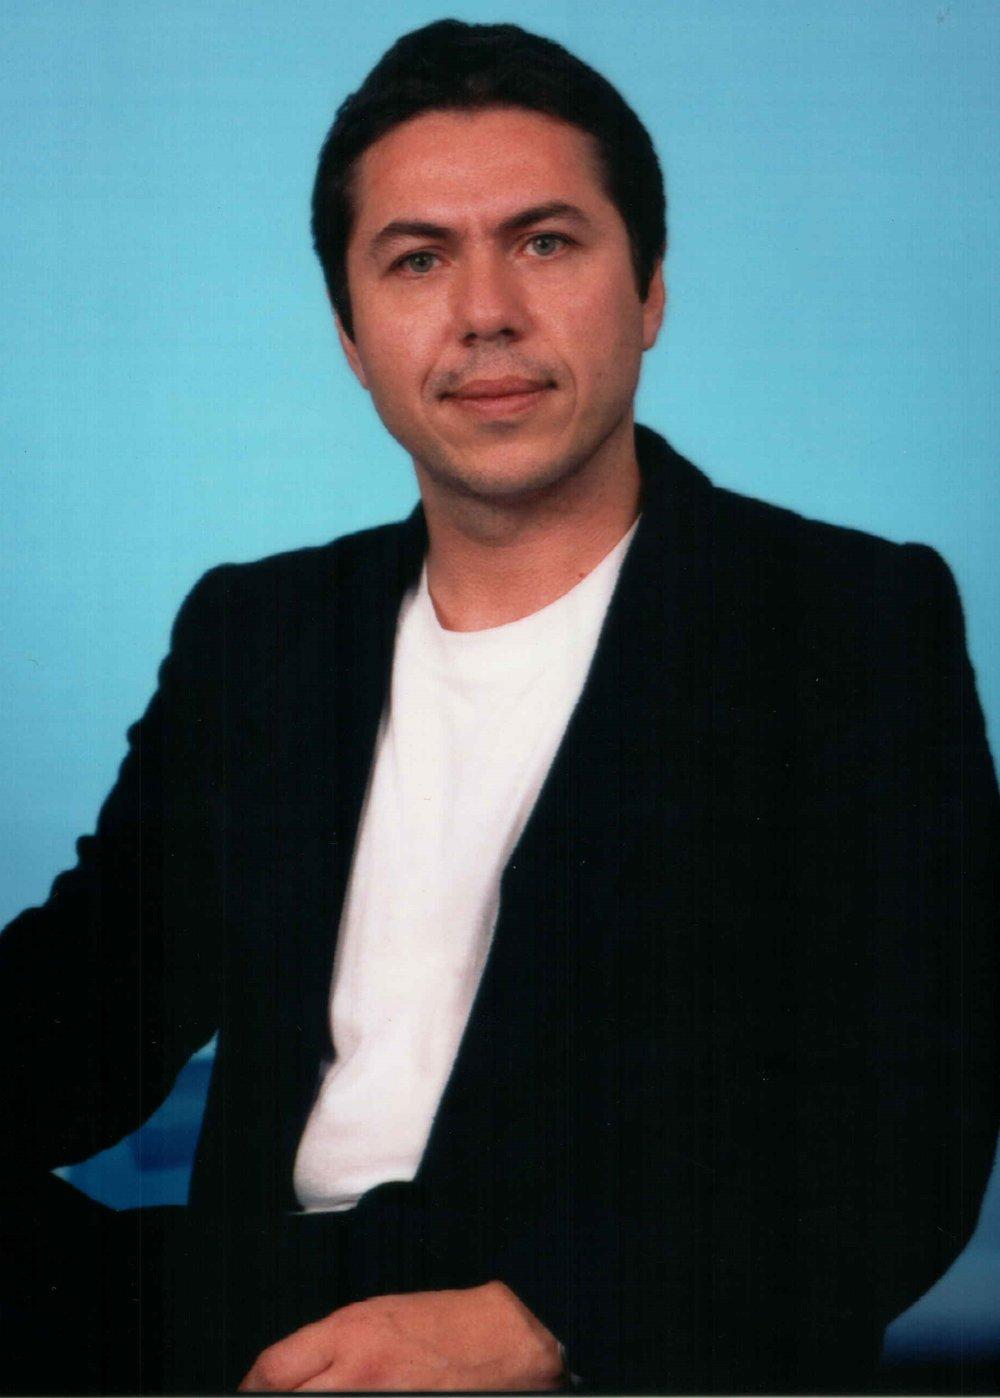 Guy Strazzullo